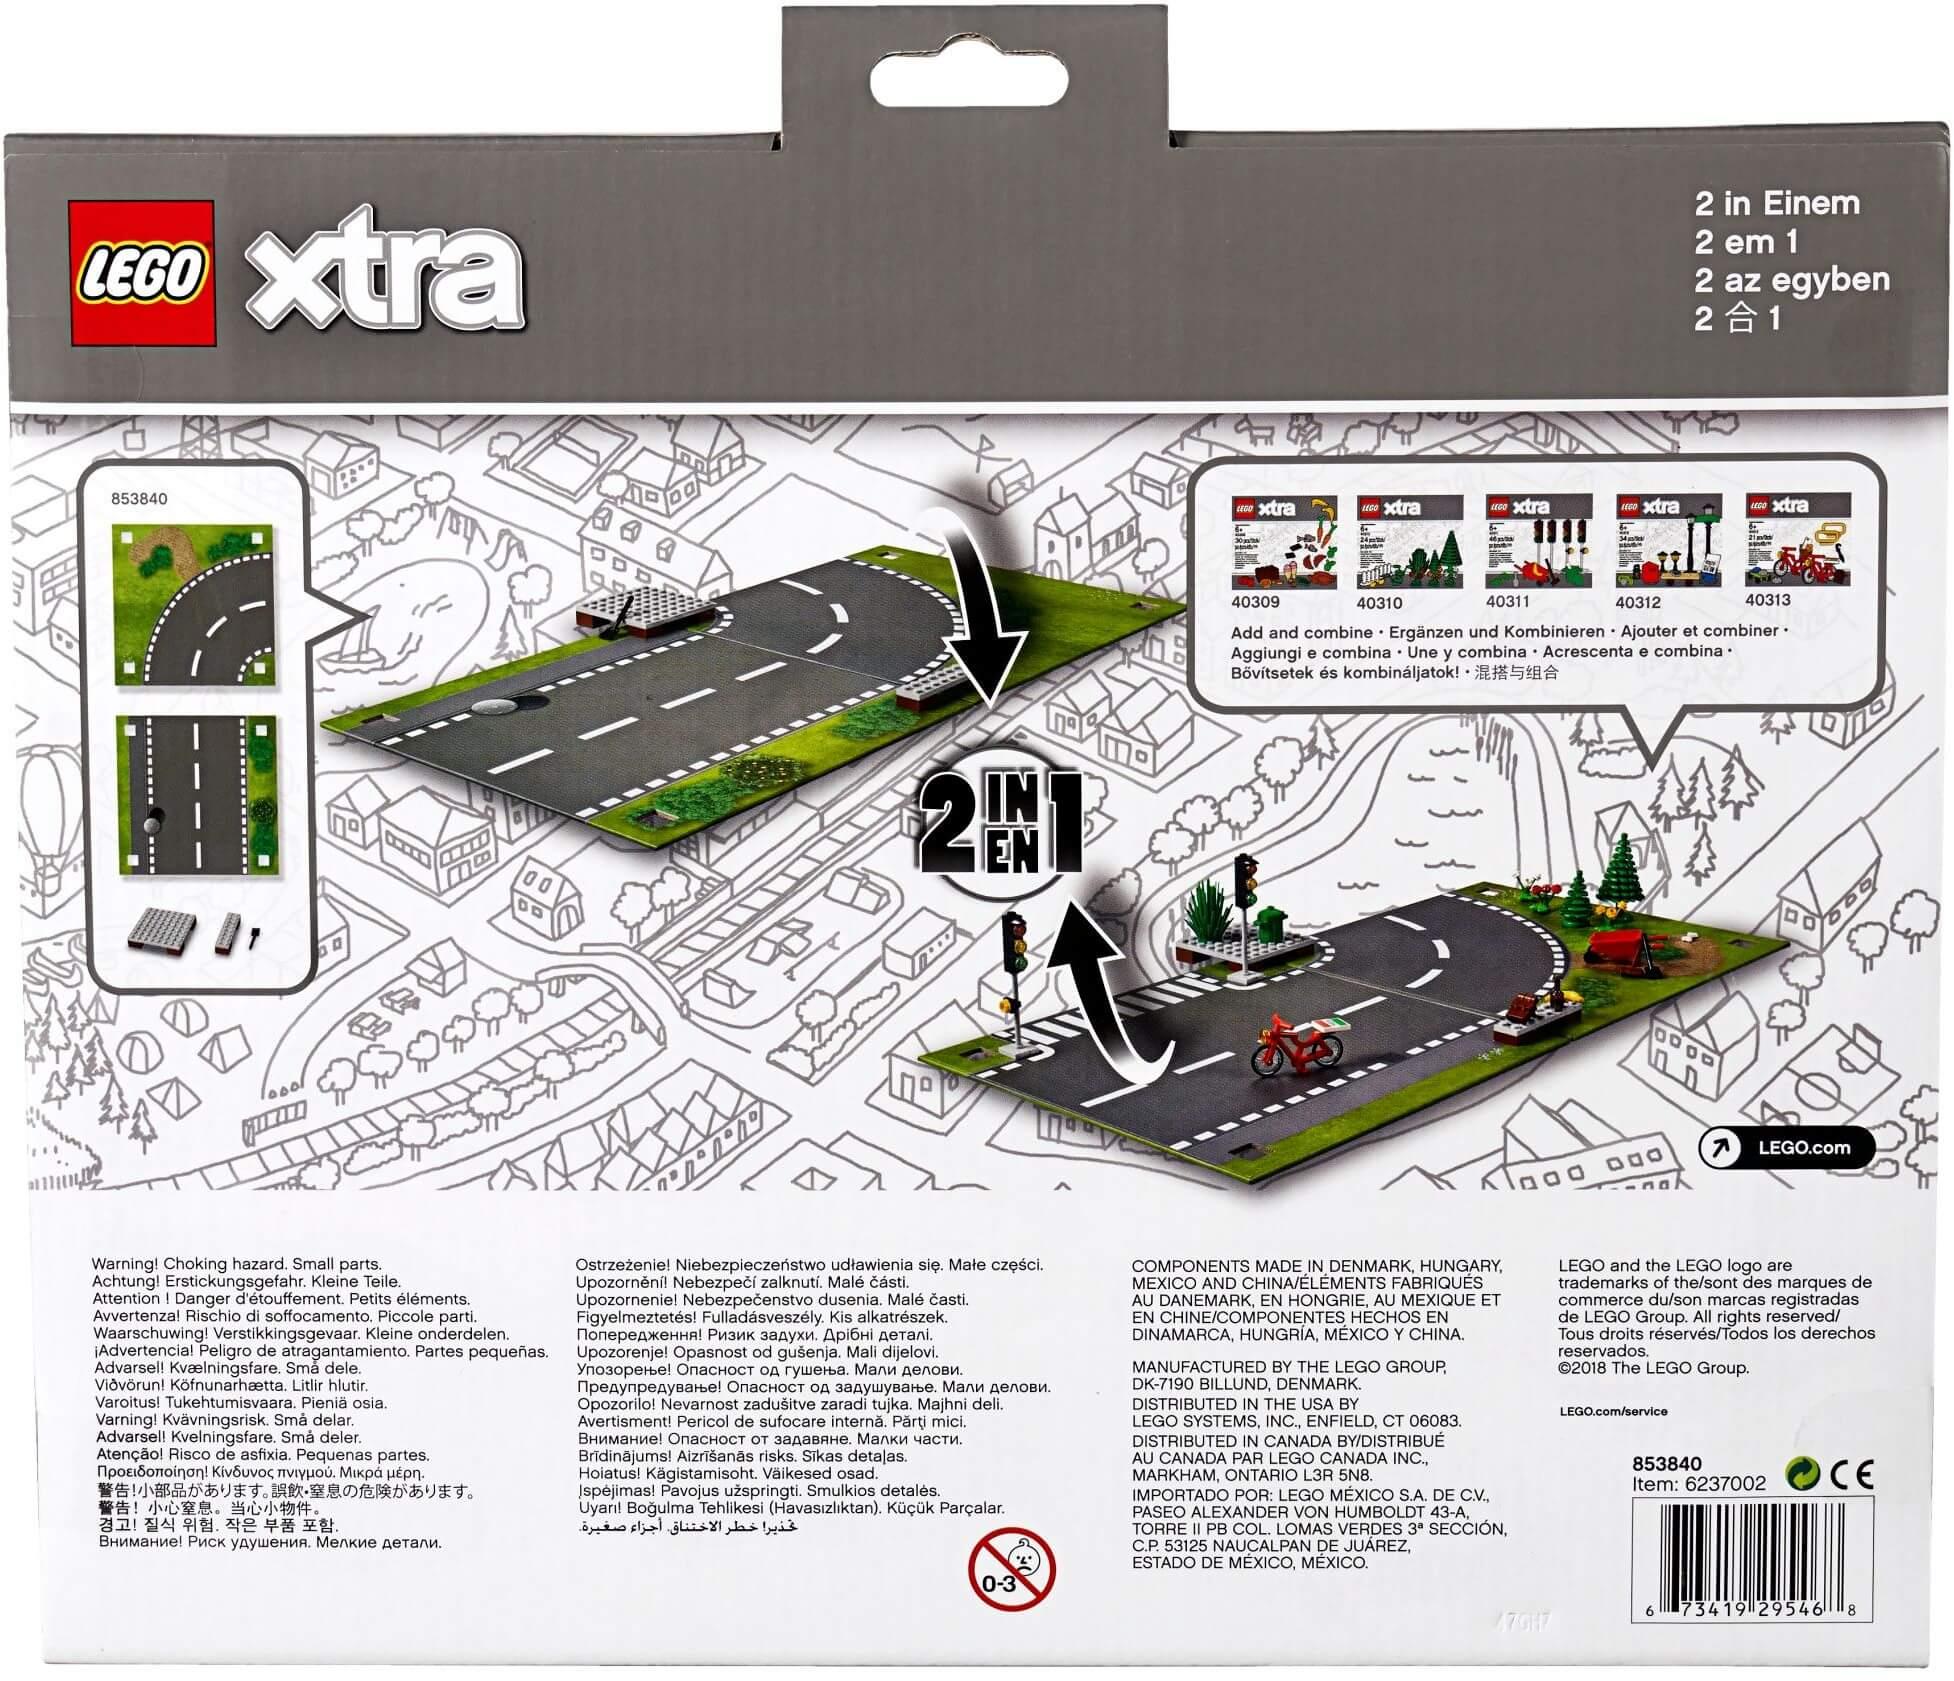 Mua đồ chơi LEGO 853840 - LEGO City 853840 - Thảm cao su Đường Xá (LEGO 853840 Road Playmat)